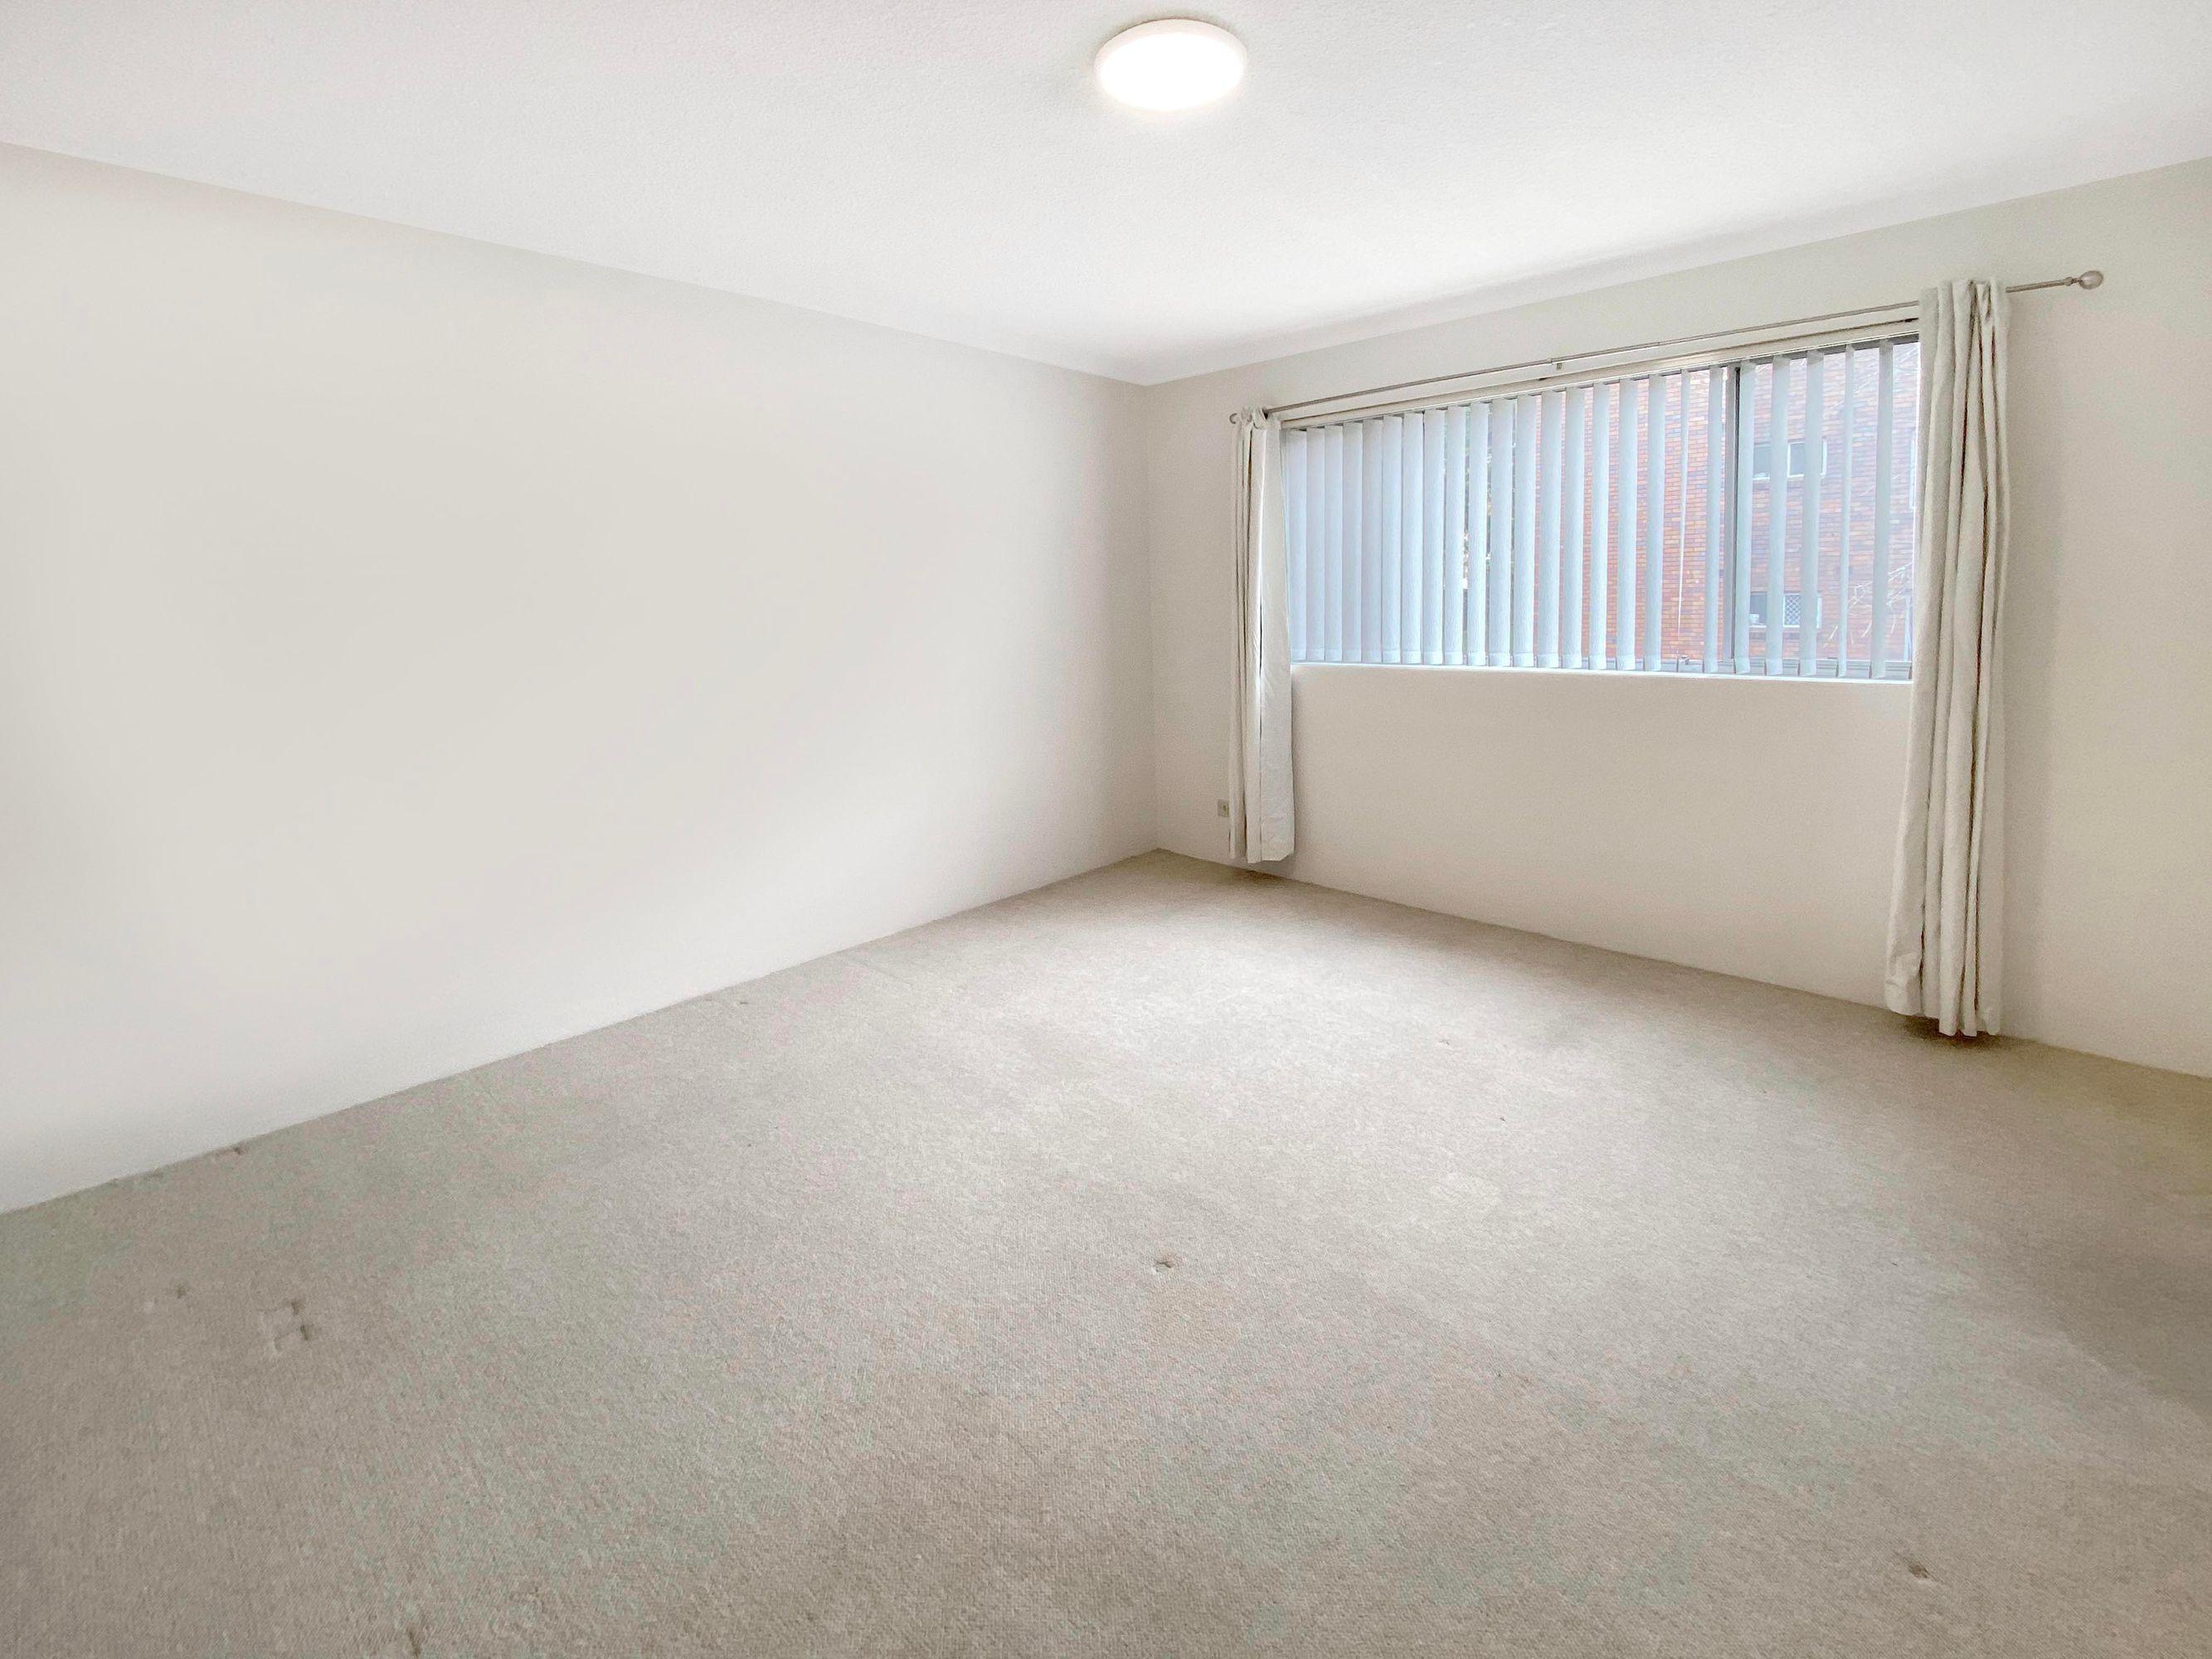 2/10 Harvard Street, Gladesville, NSW 2111